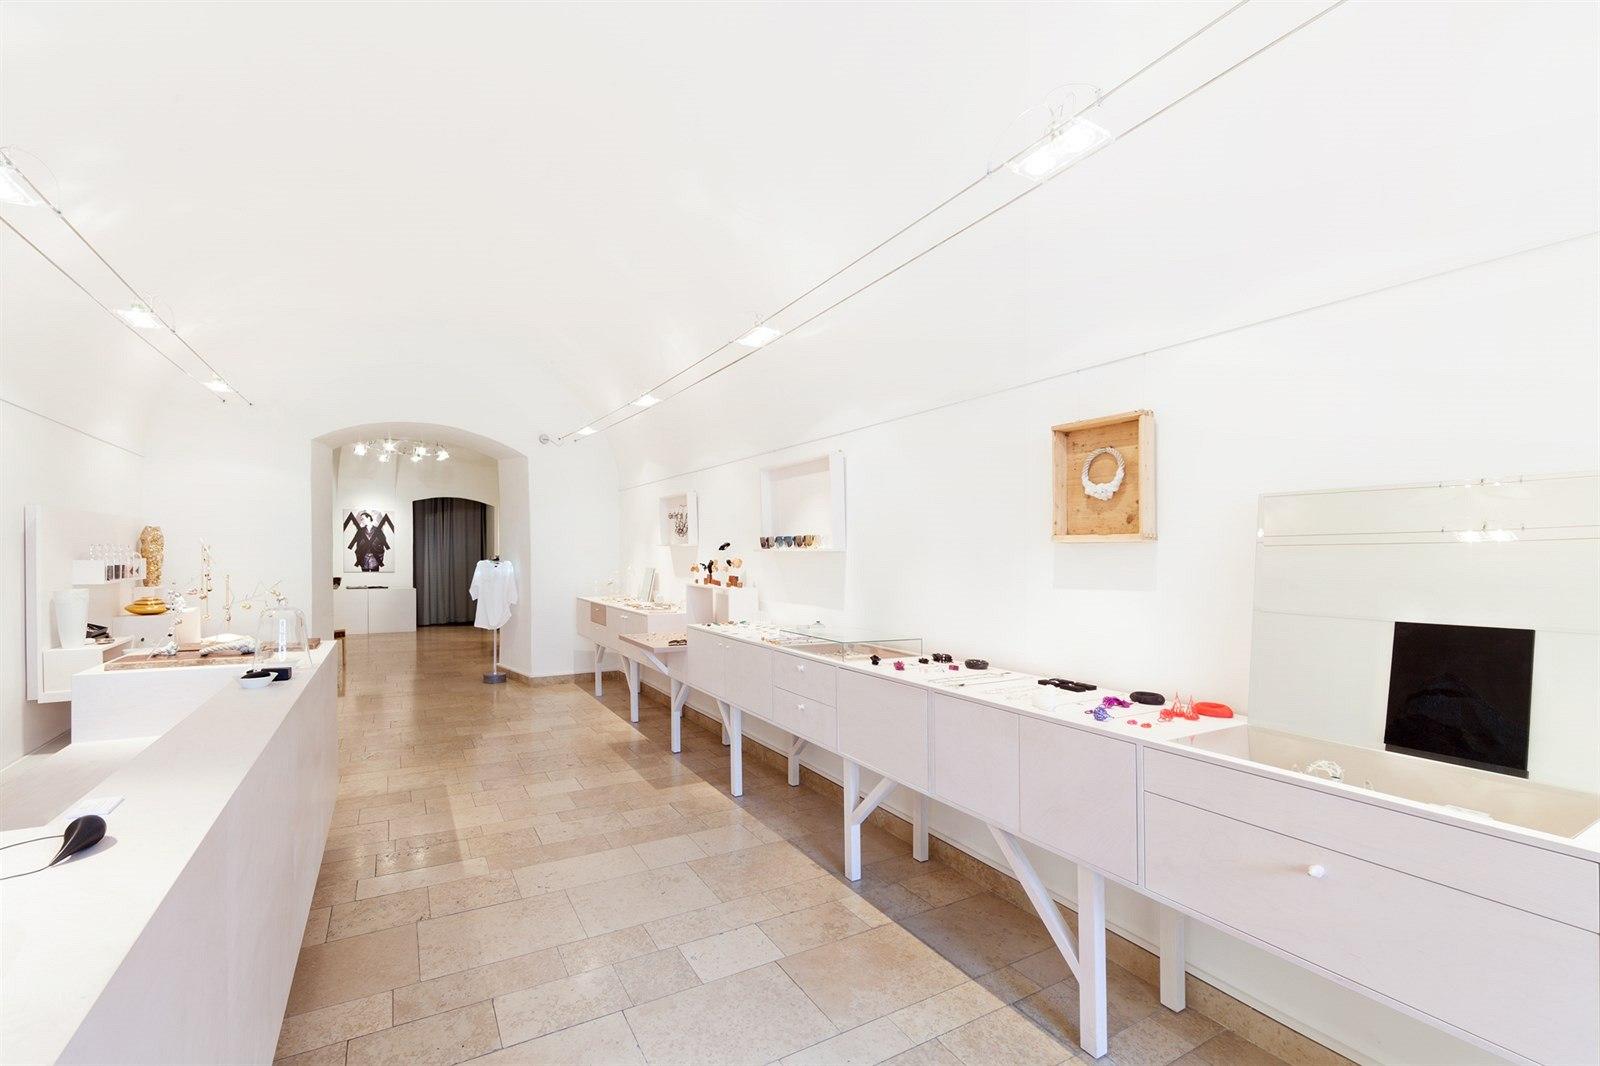 Debut Gallery